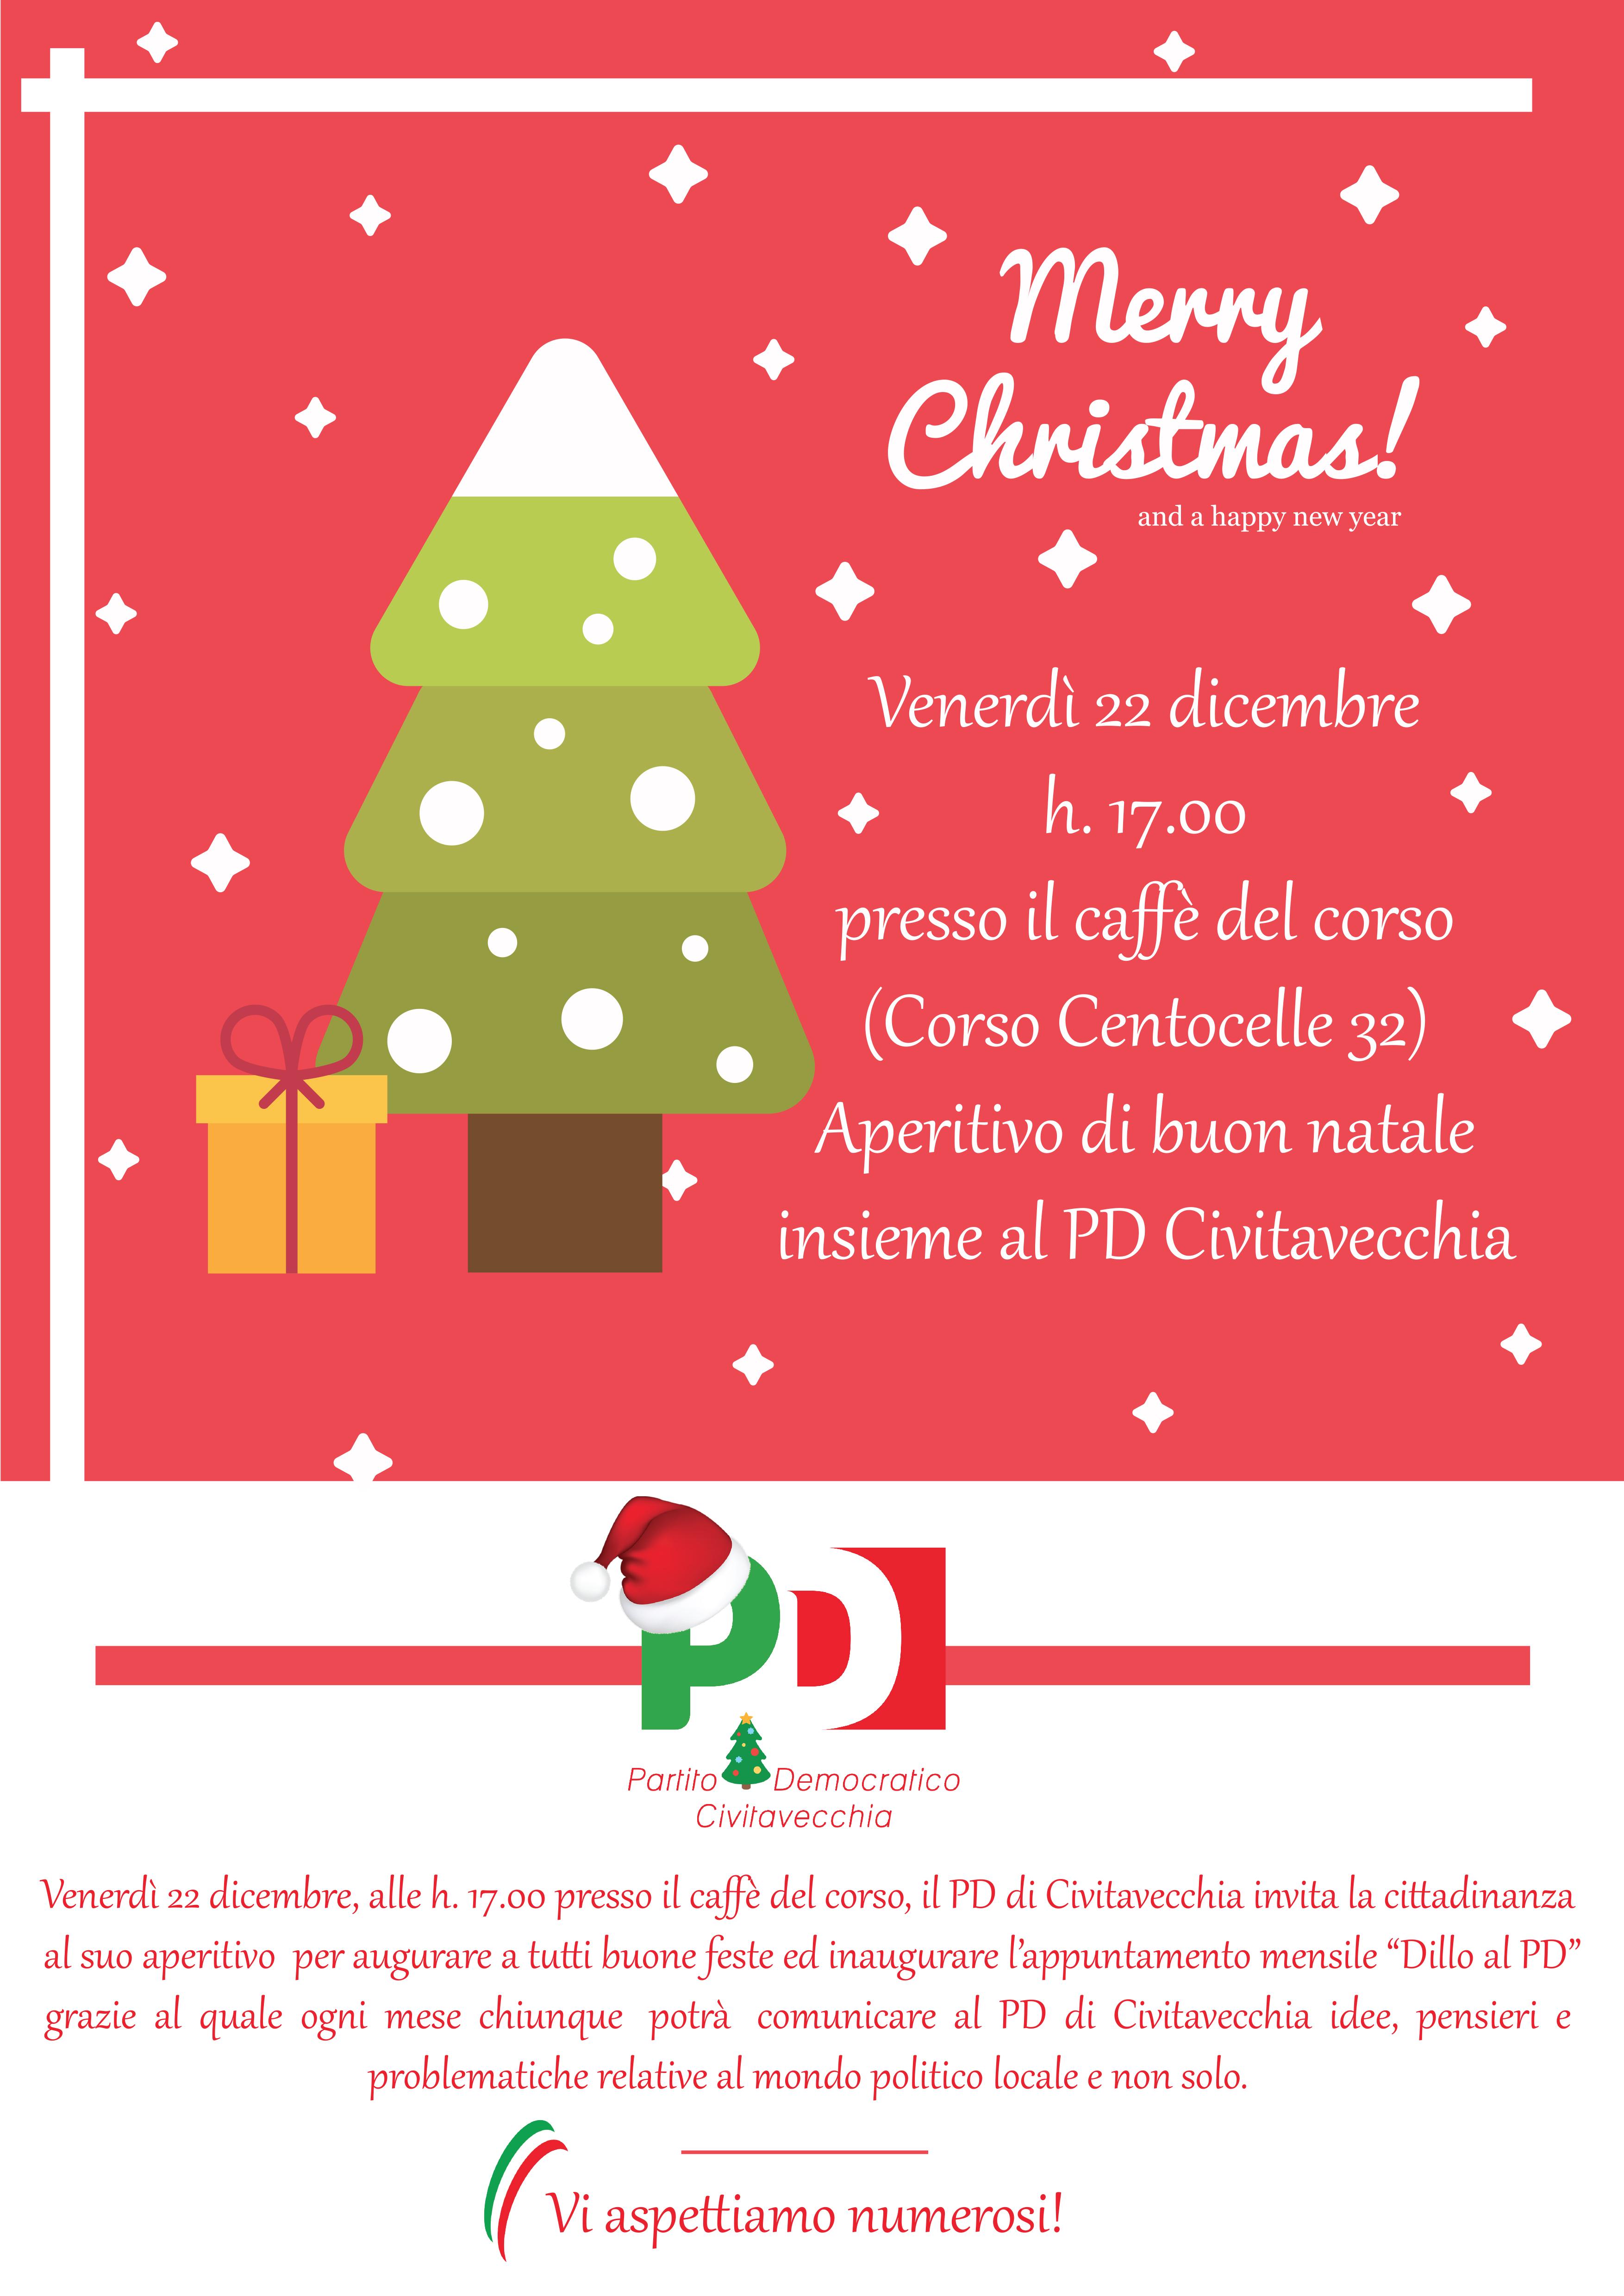 Grazie E Buon Natale.Ferri Pd Il 22 Dicembre Vi Aspettiamo Per Gli Auguri Di